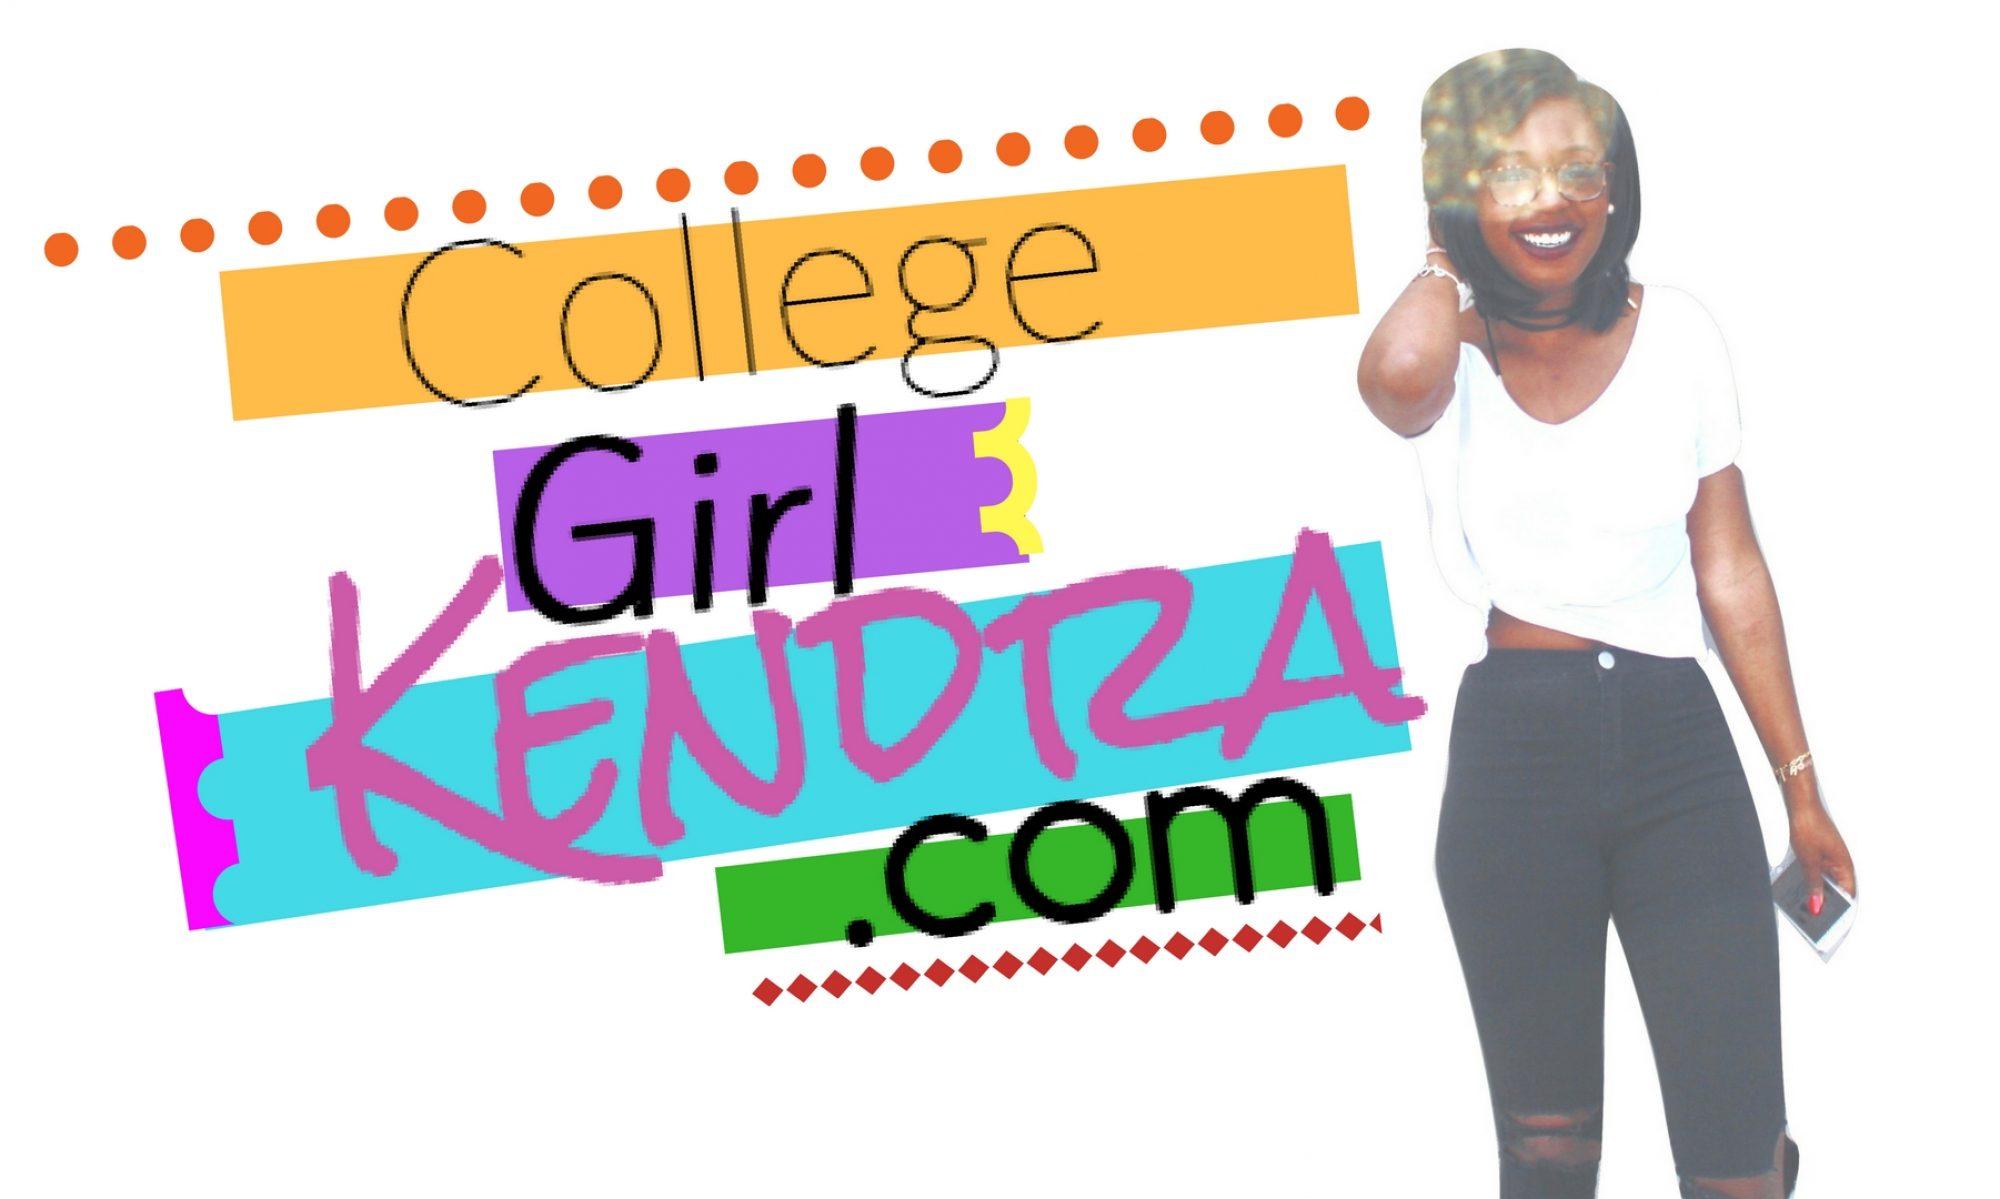 CollegeGirlKendra.com